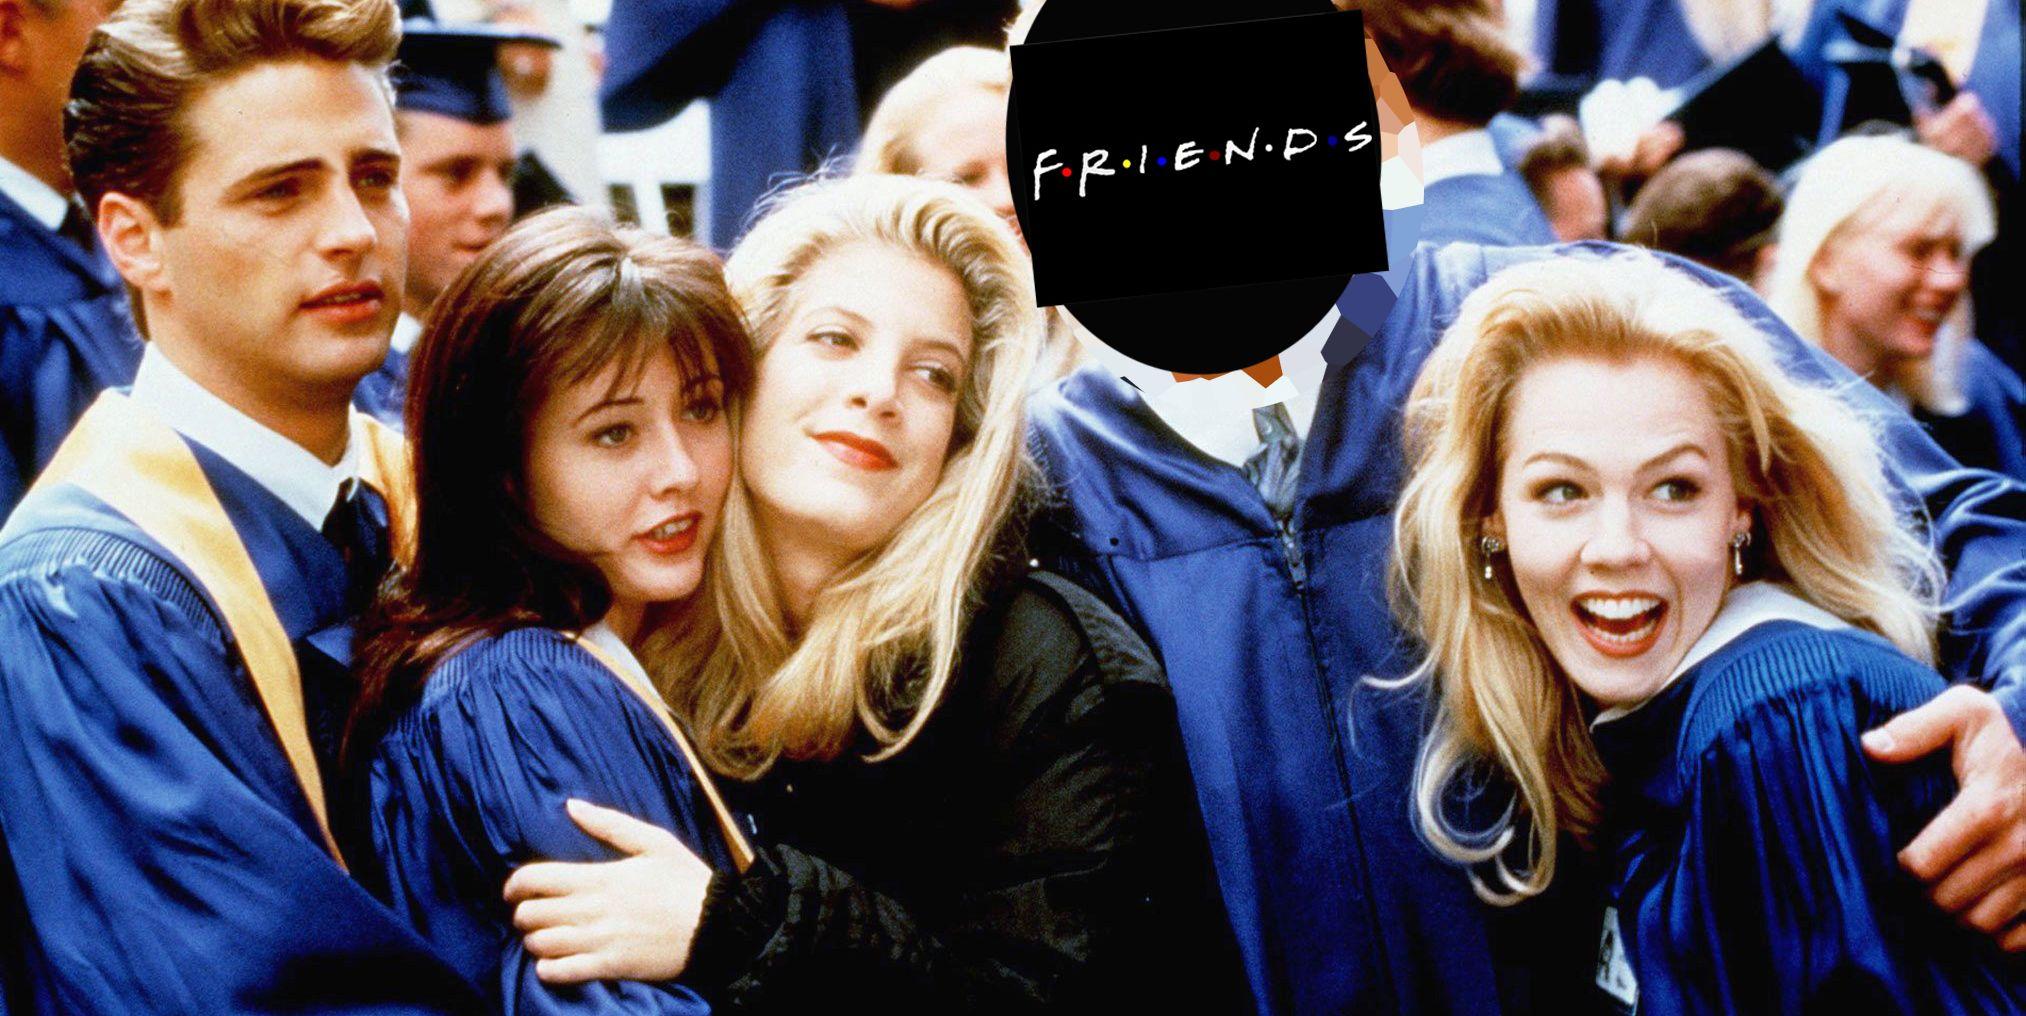 matthew perry, sensacion de vivir, friends sensacion de vivir,matthew perry sensacion de vivir,matthew perry beverly hills 90210